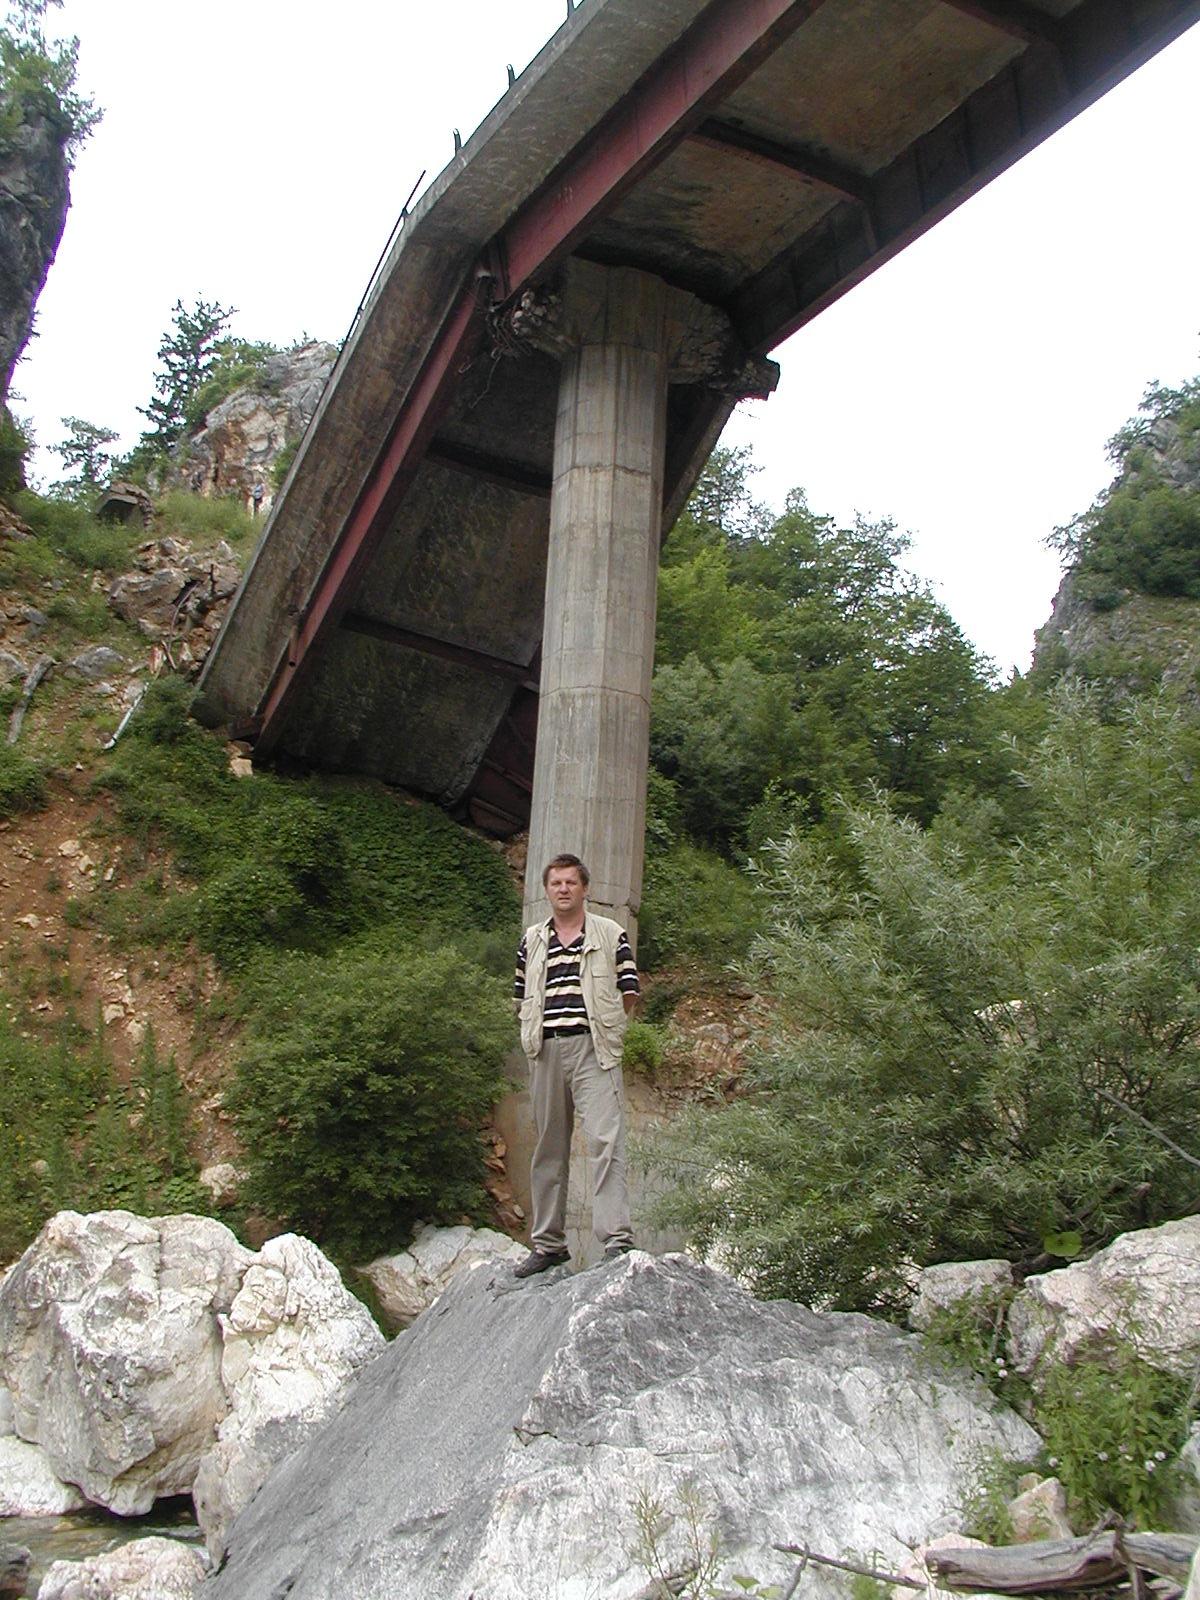 """""""Valja nama preko…"""" Poslije čitanja knjige najvećeg graditelja mostova u bivšoj Jugoslaviji Stanka Šrama, odustao sam od prvobitne namjene da pišem o objektima visokogradnje, pa sam izabrao mostove. Promocija knjige Mladena Glibića biti će održana u petak 10. juna u 12:30h u amfiteatru Građevinskog fakulteta Sveučilišta u Mostaru. Promotori knjige […]"""